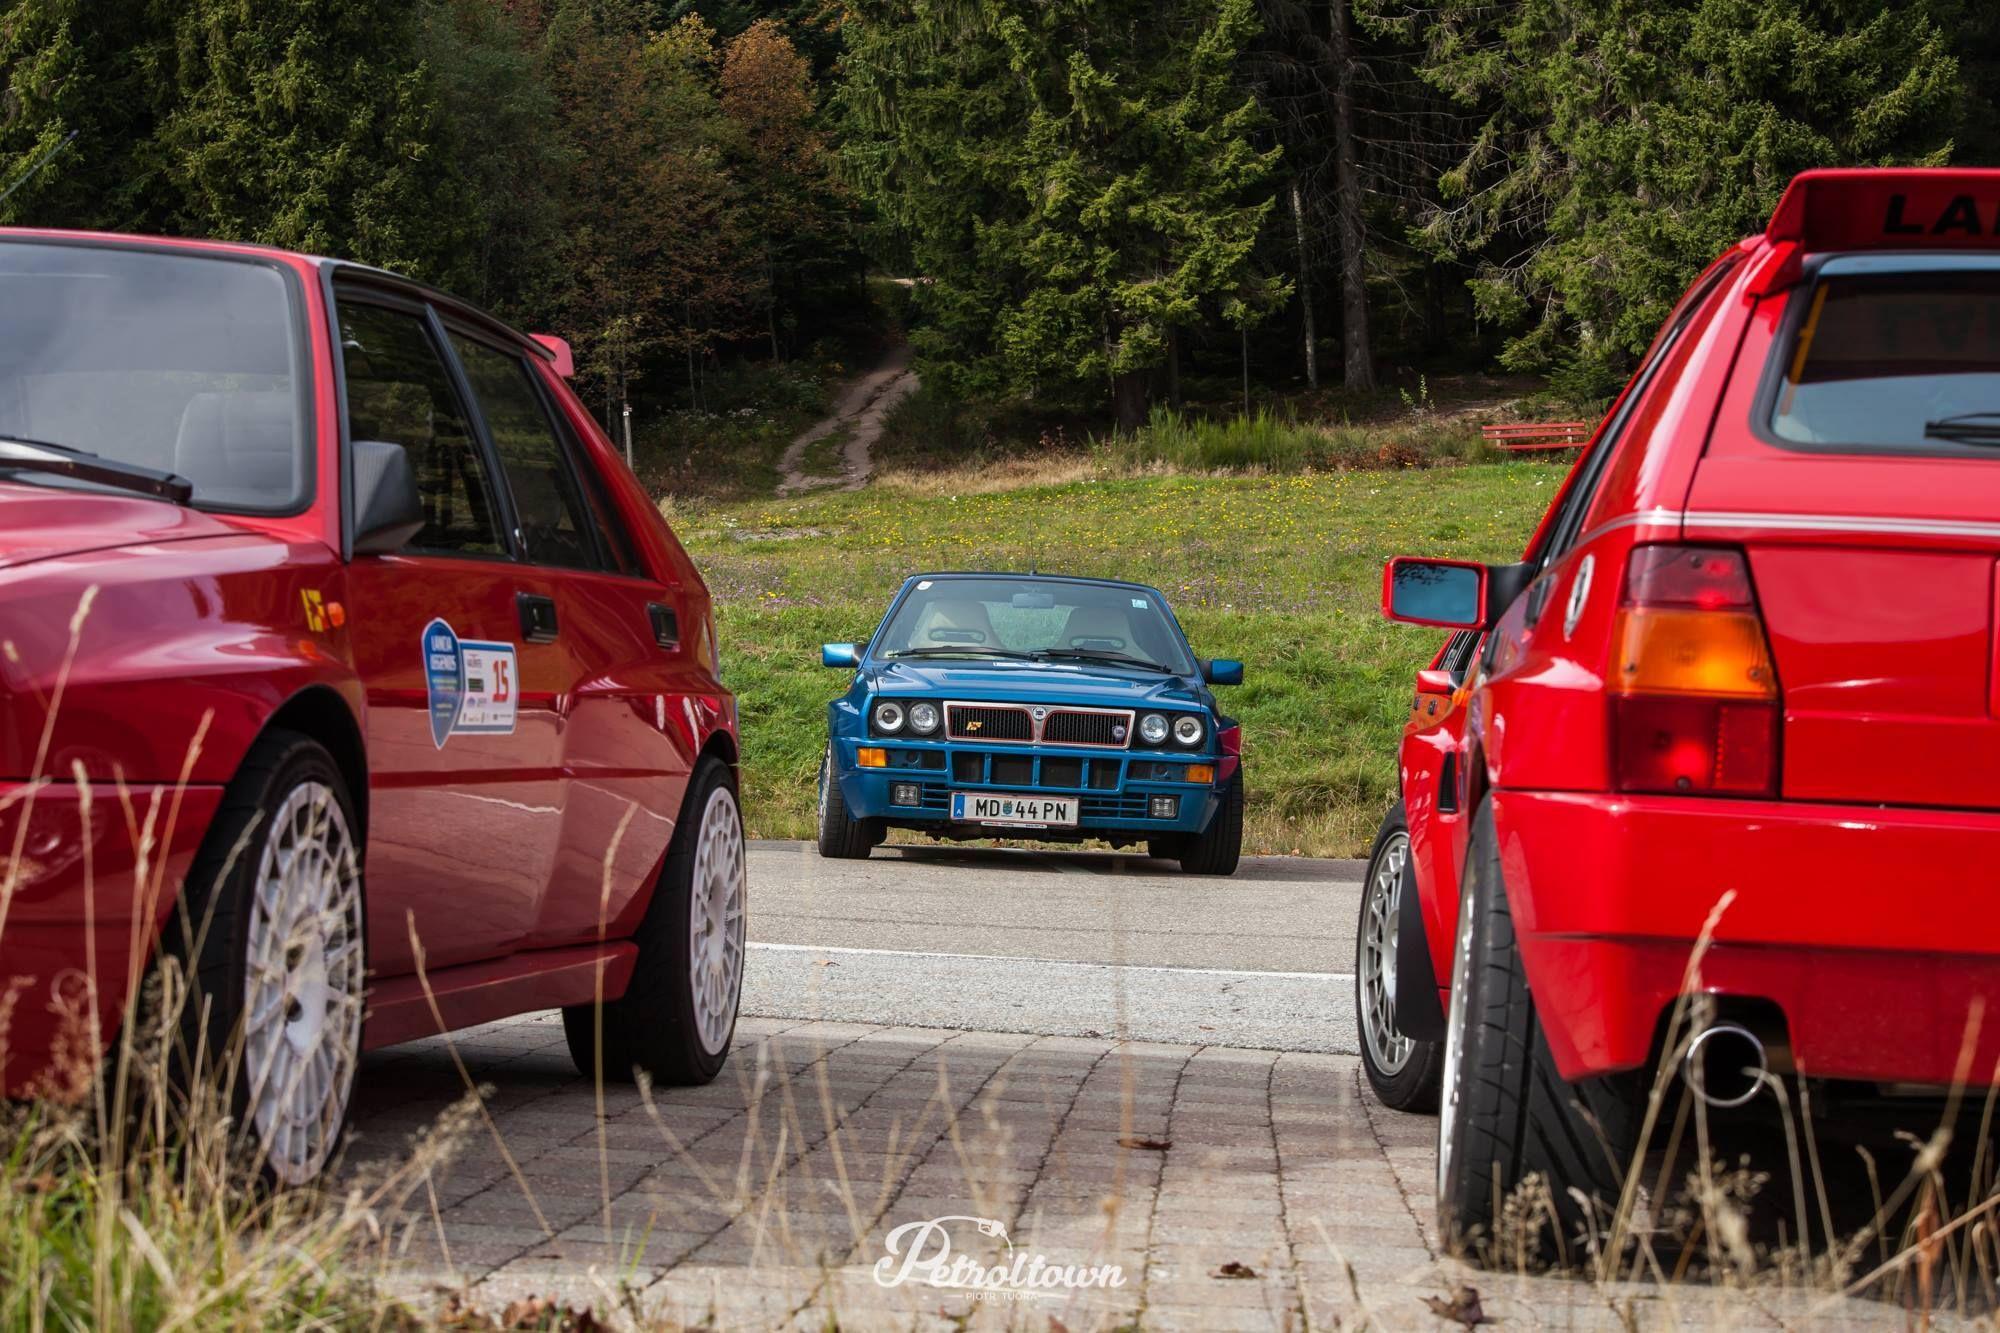 Pin di Billing András su Lancia Delta HF Integrale Evo Evo